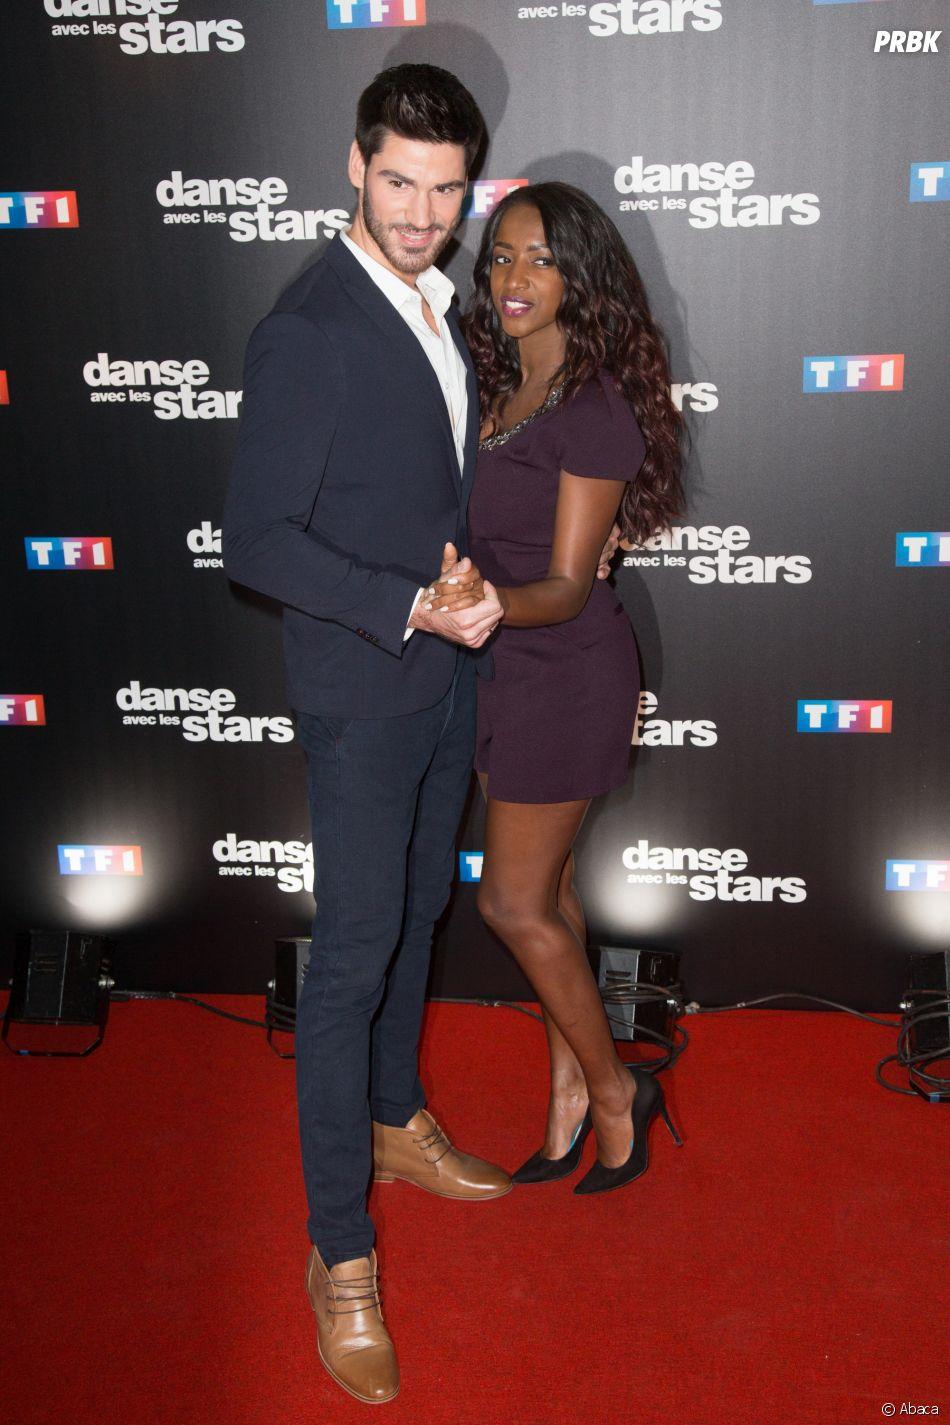 Danse avec les stars 8 : Hapsatou Sy et Jordan Mouillerac danseront ensemble !